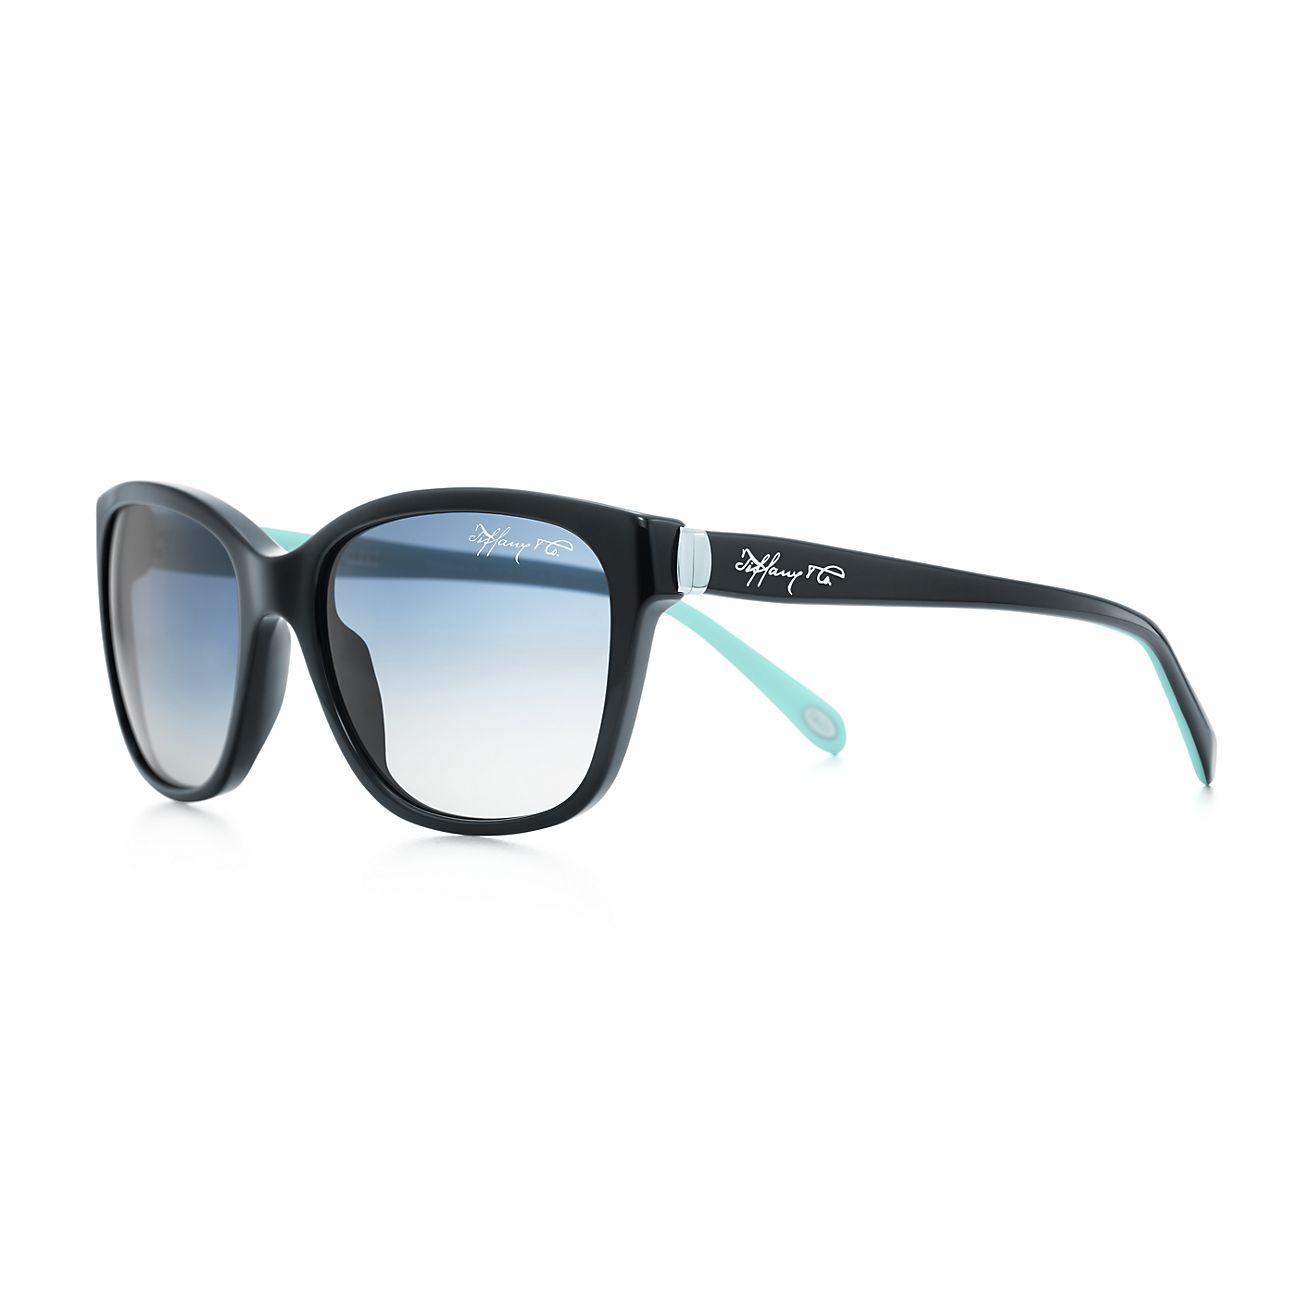 Tiffany 1837™ square sunglasses in black and Tiffany Blue ...